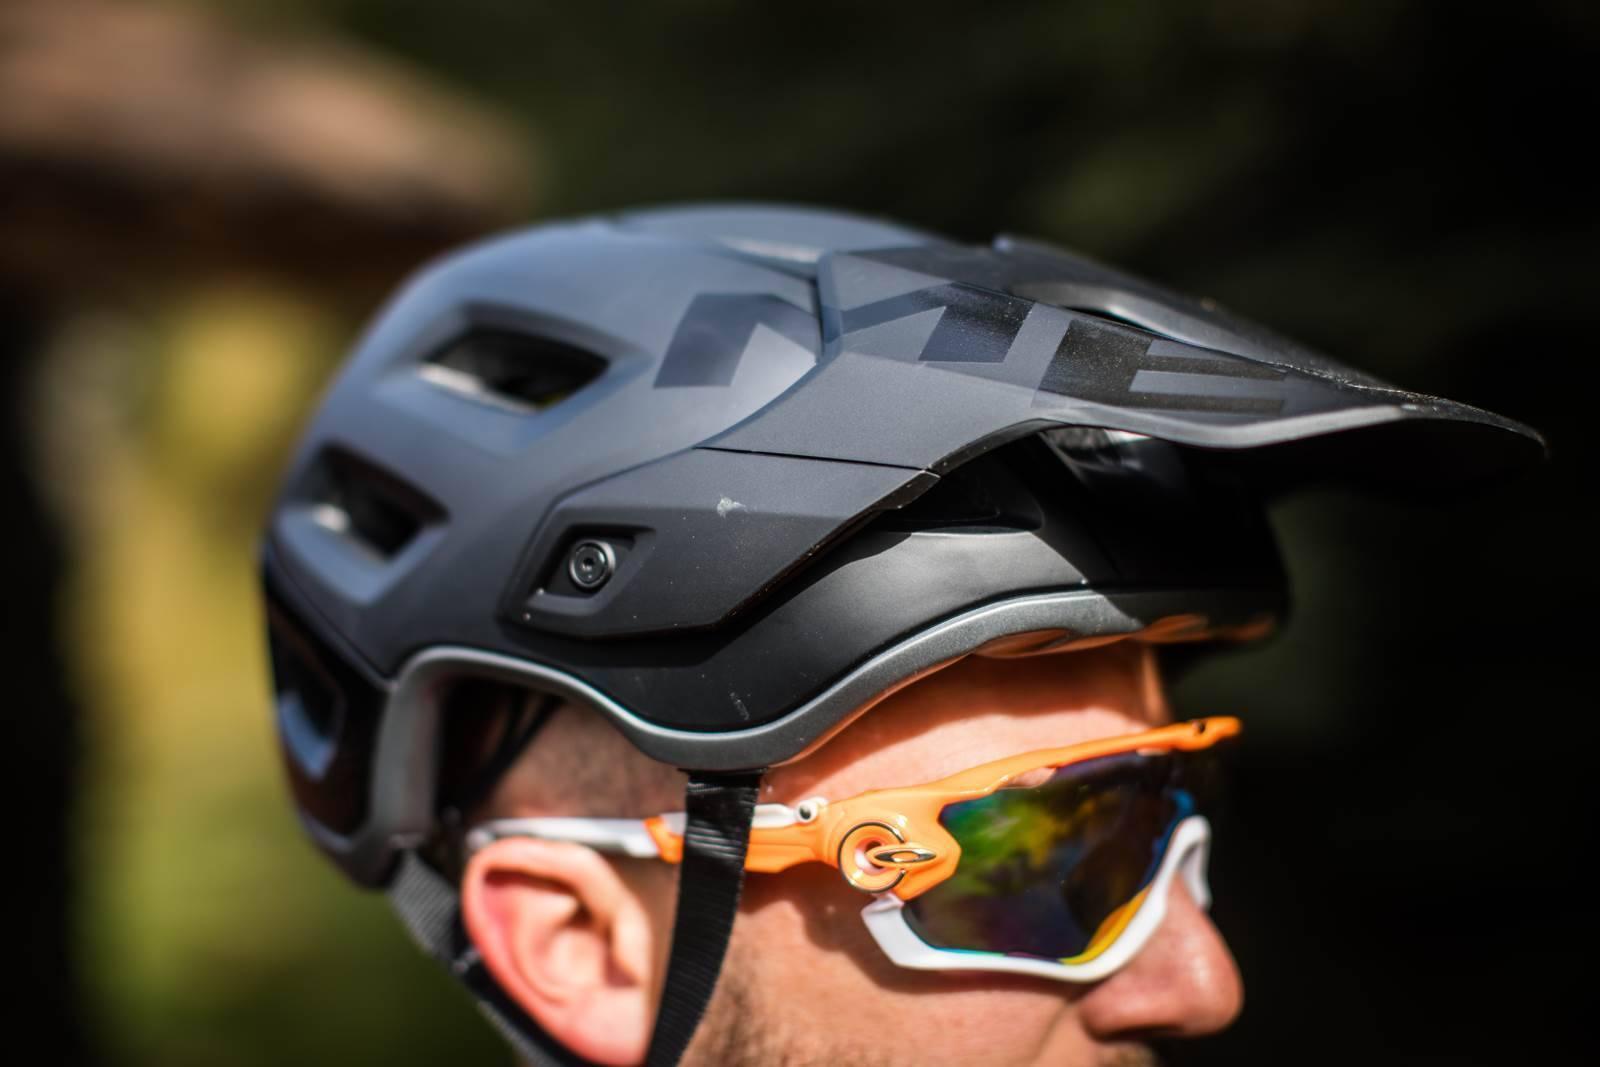 TESTED: MET Roam helmet